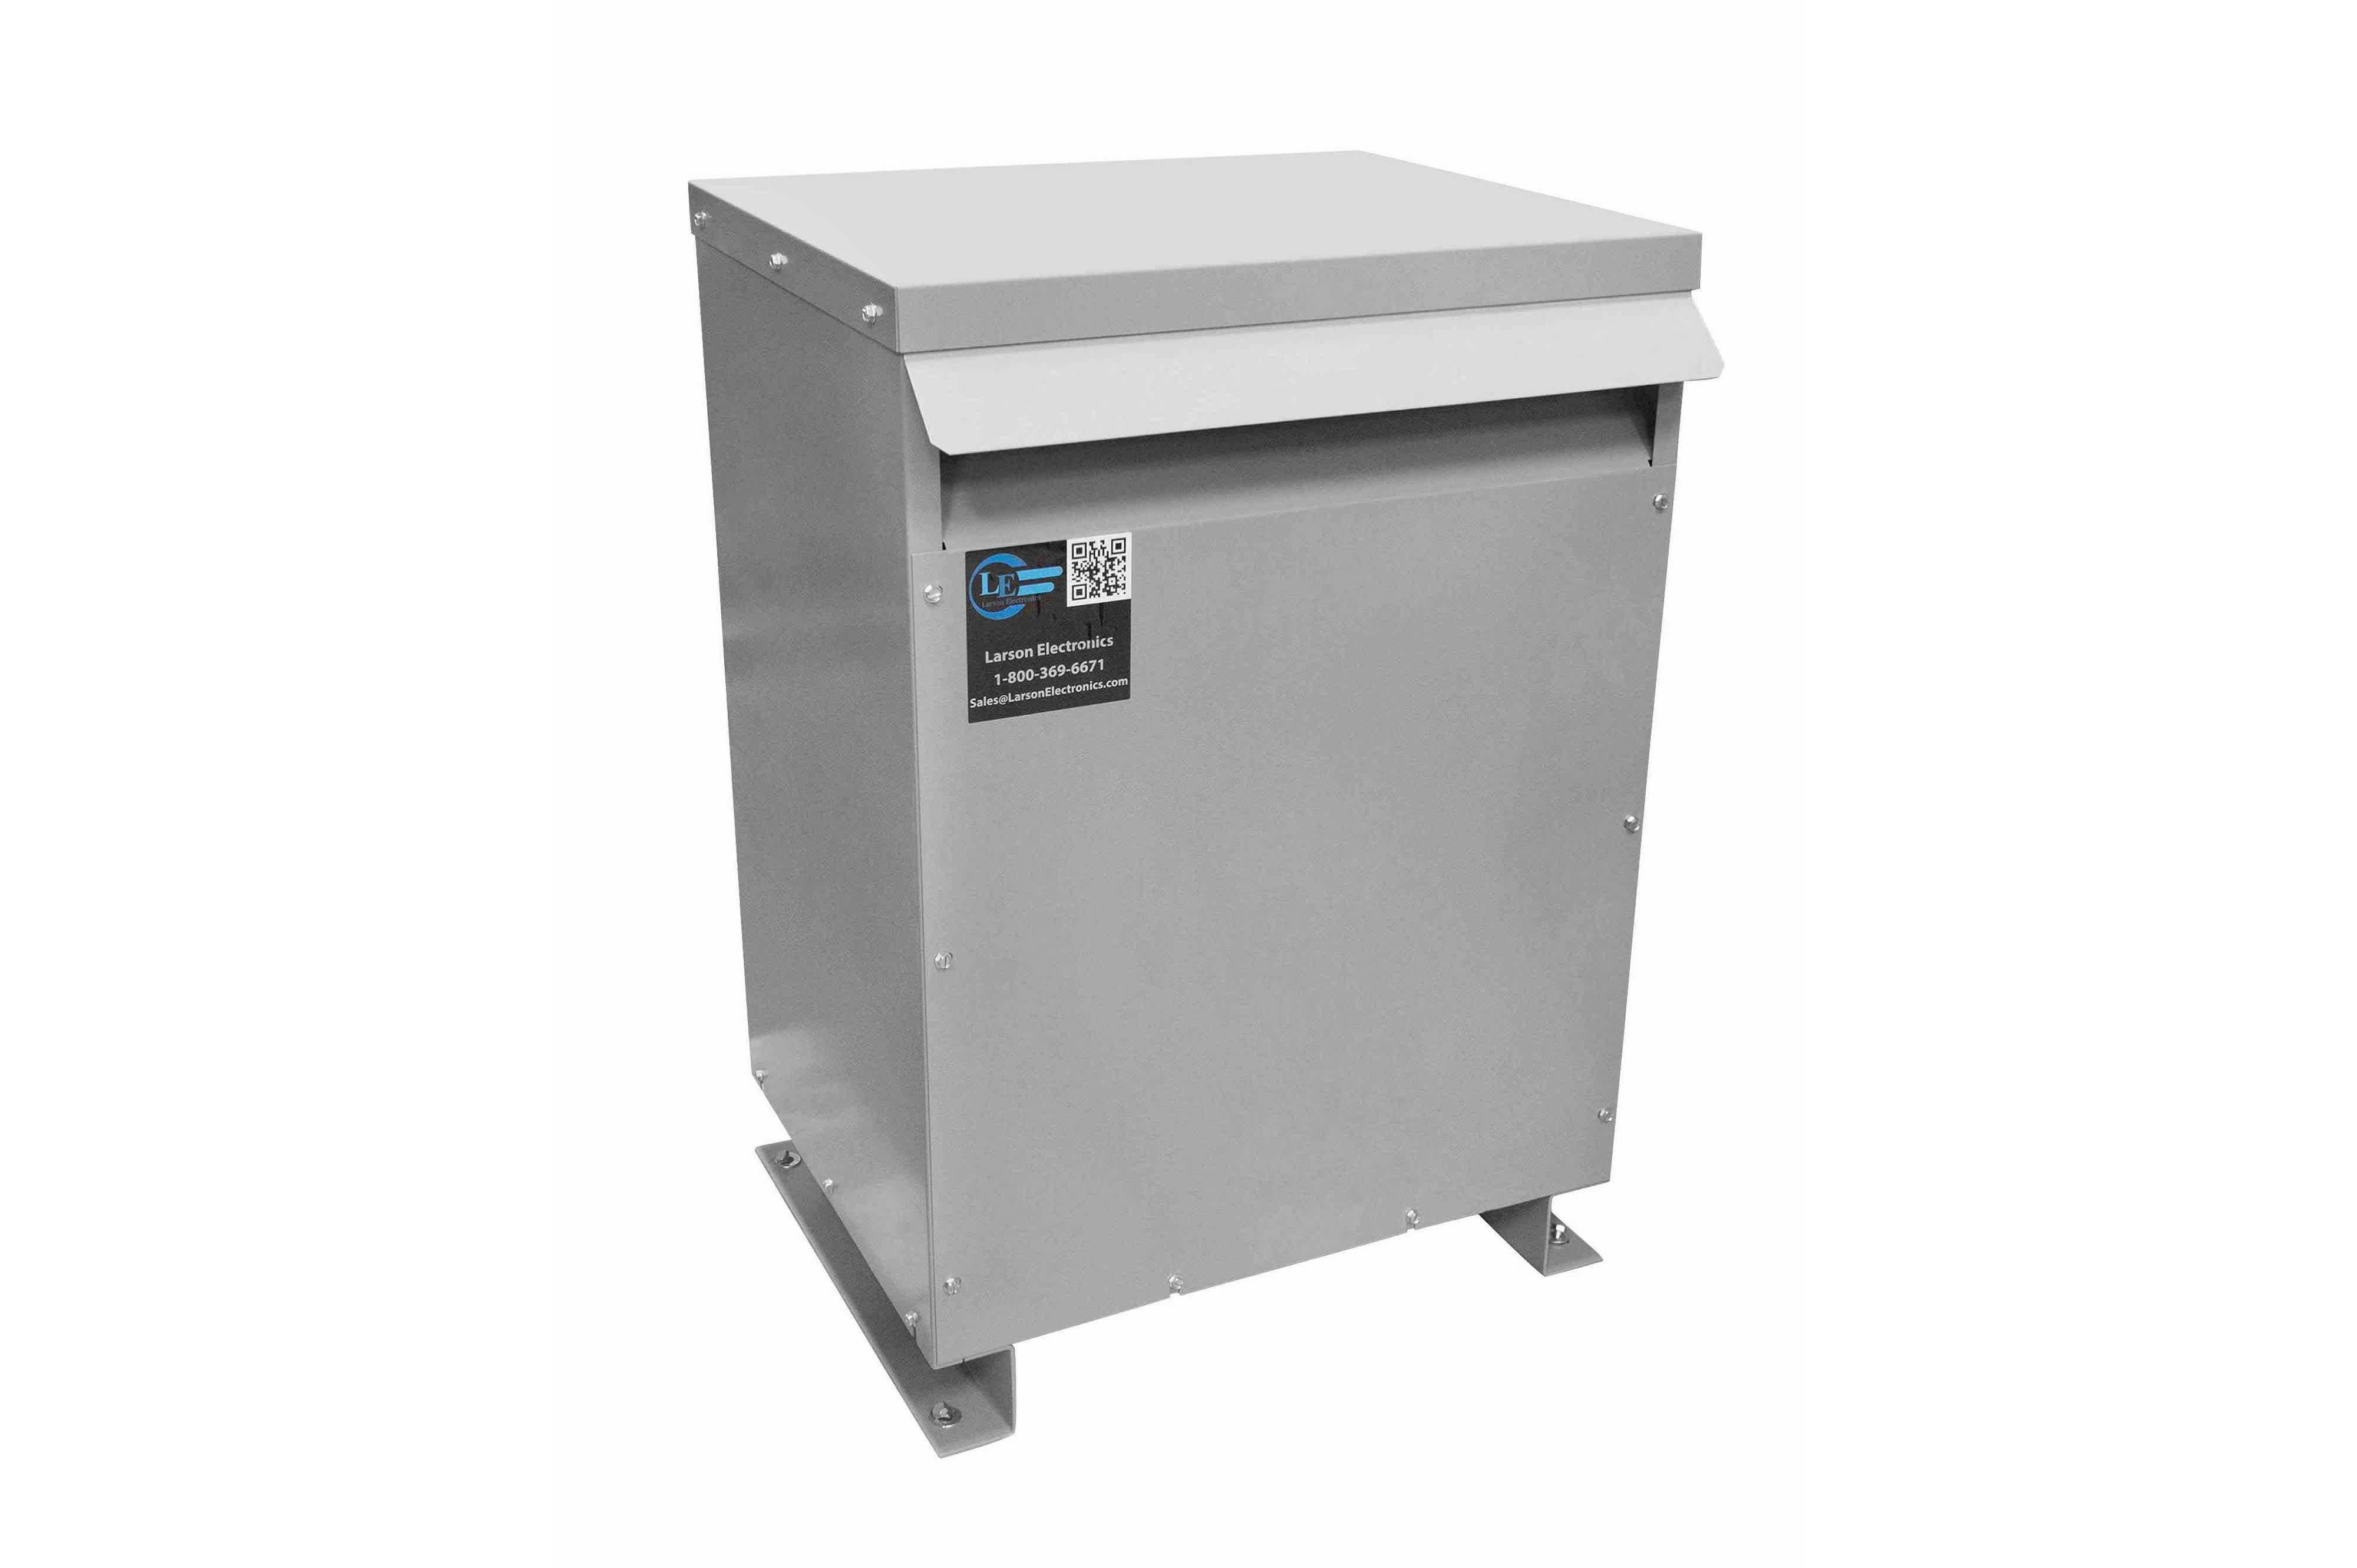 14 kVA 3PH Isolation Transformer, 600V Delta Primary, 380V Delta Secondary, N3R, Ventilated, 60 Hz